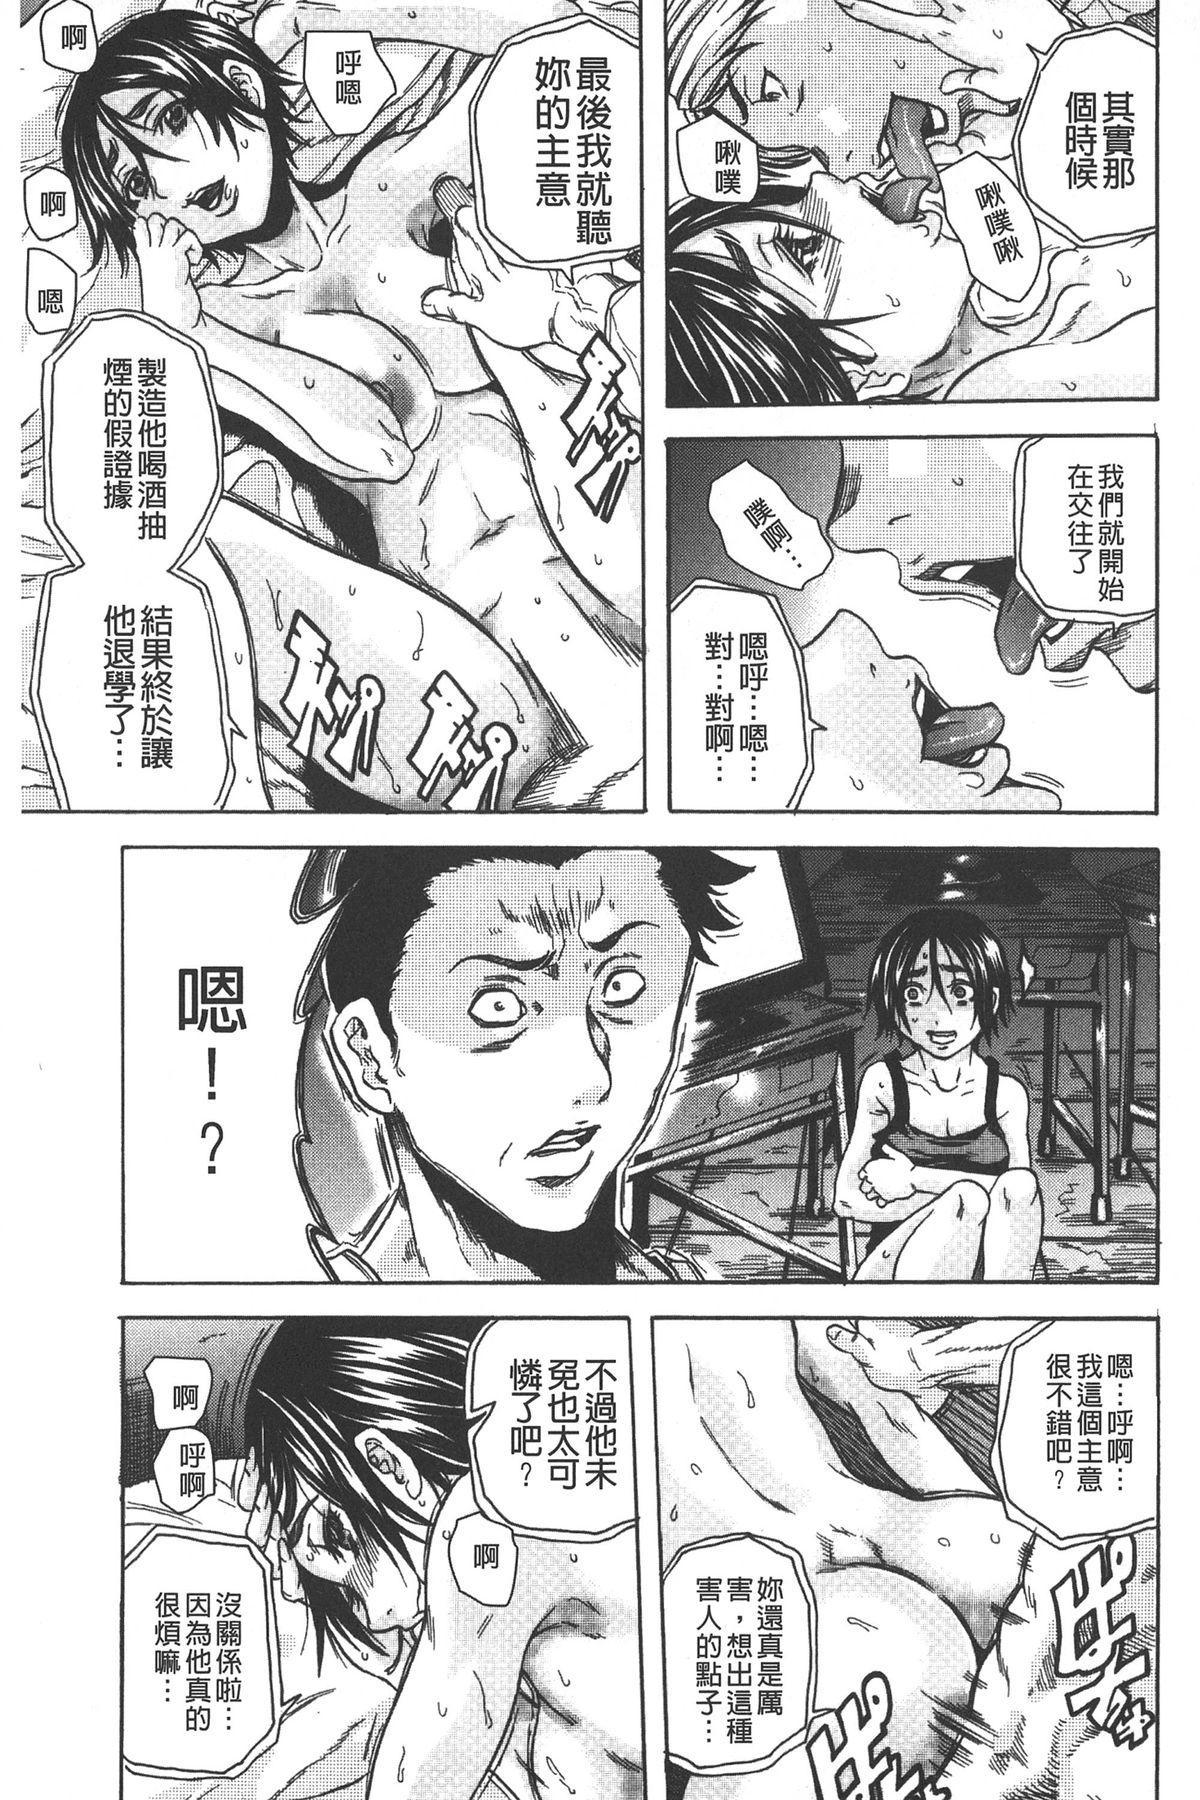 Ryoujoku Kyoushitsu 27